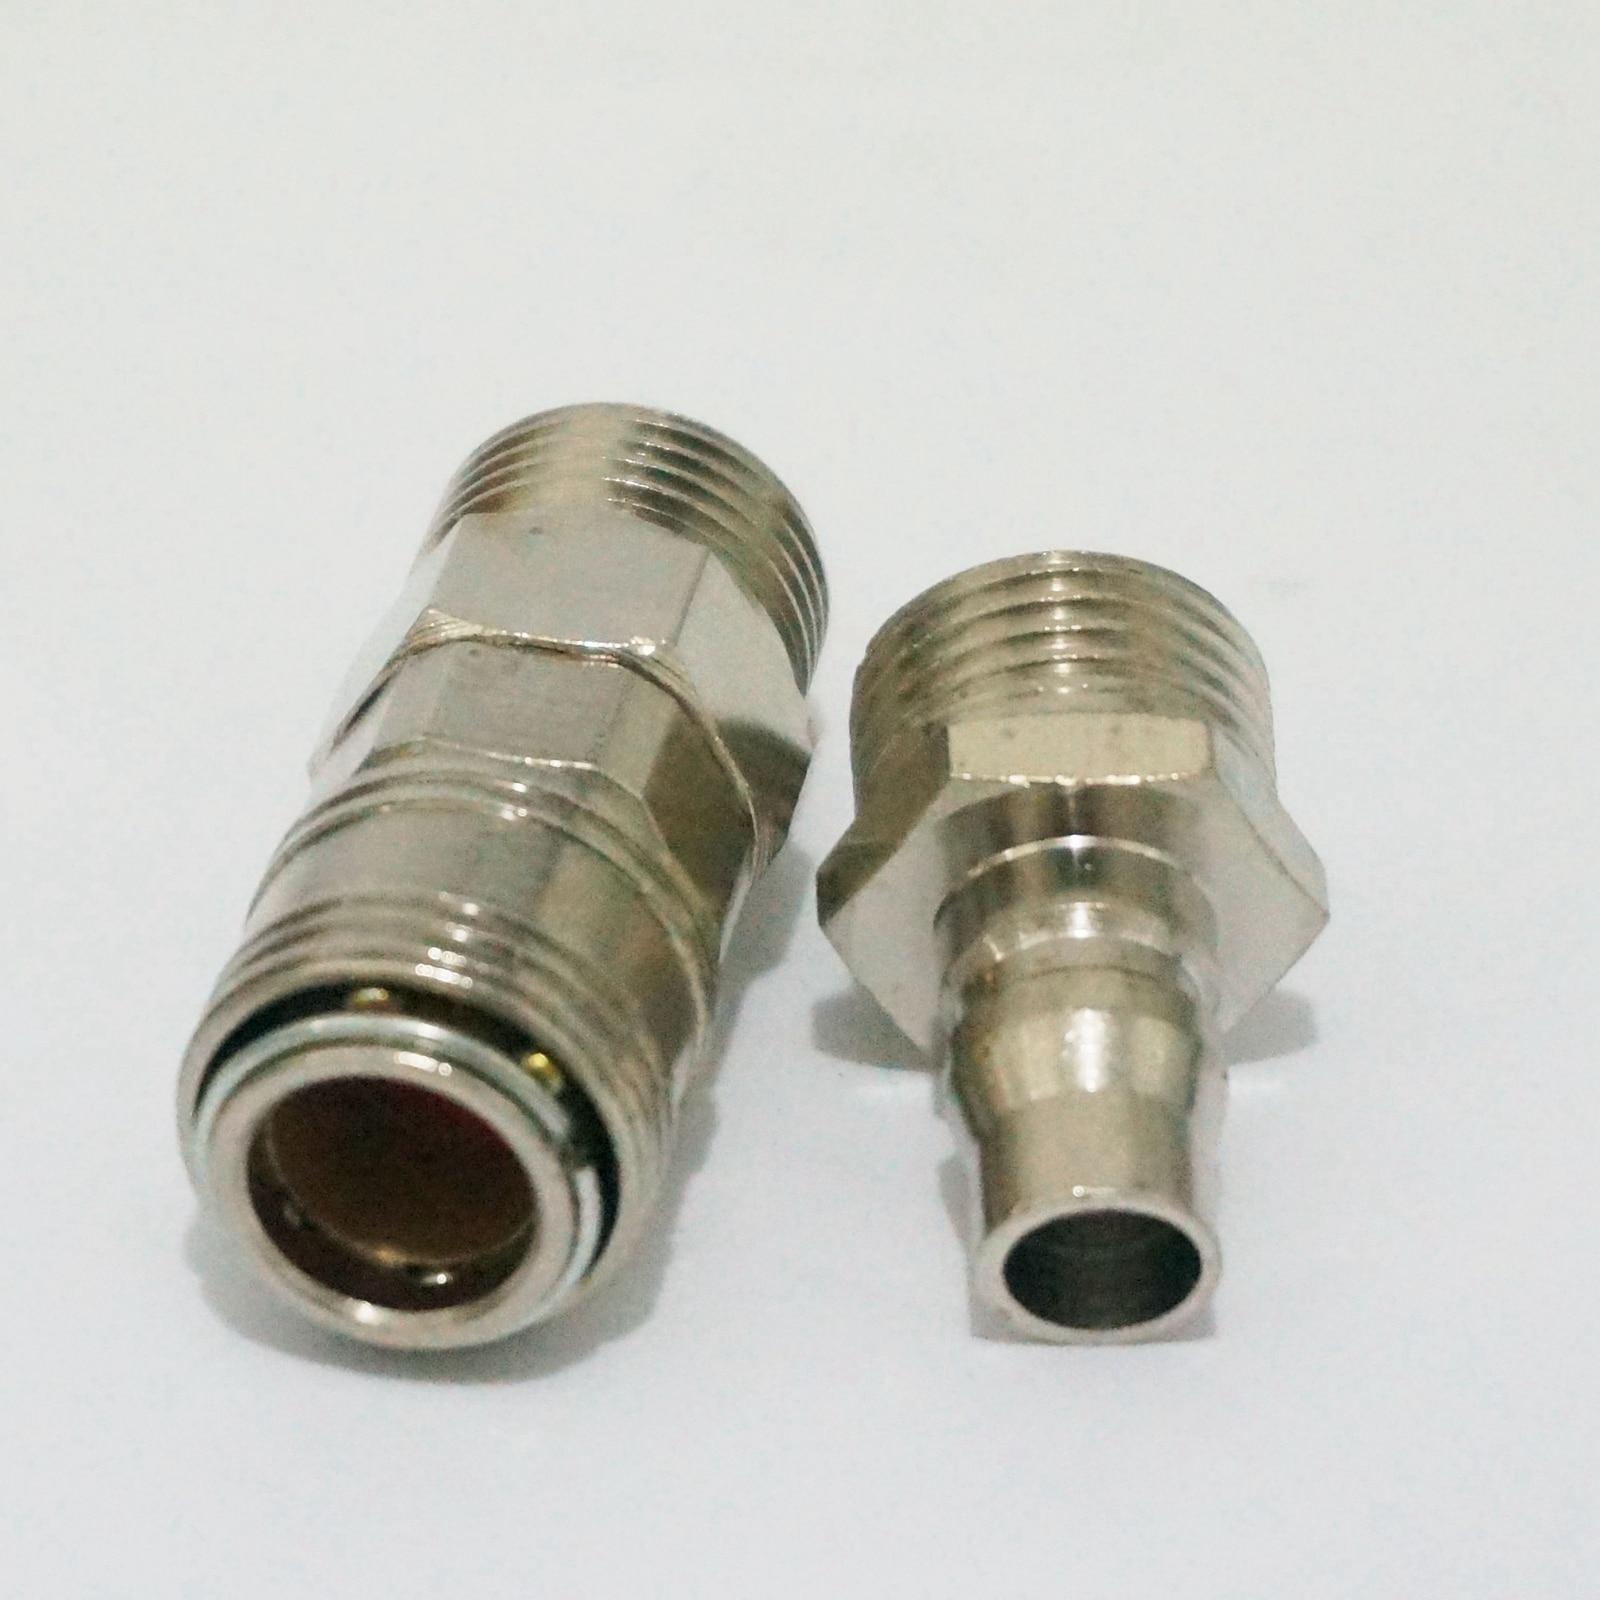 Conector neum/ático 12 piezas 1//4 pulgadas BSP macho hembra Conector de manguera de aire Acoplador de liberaci/ón r/ápida Acoplamiento neum/ático